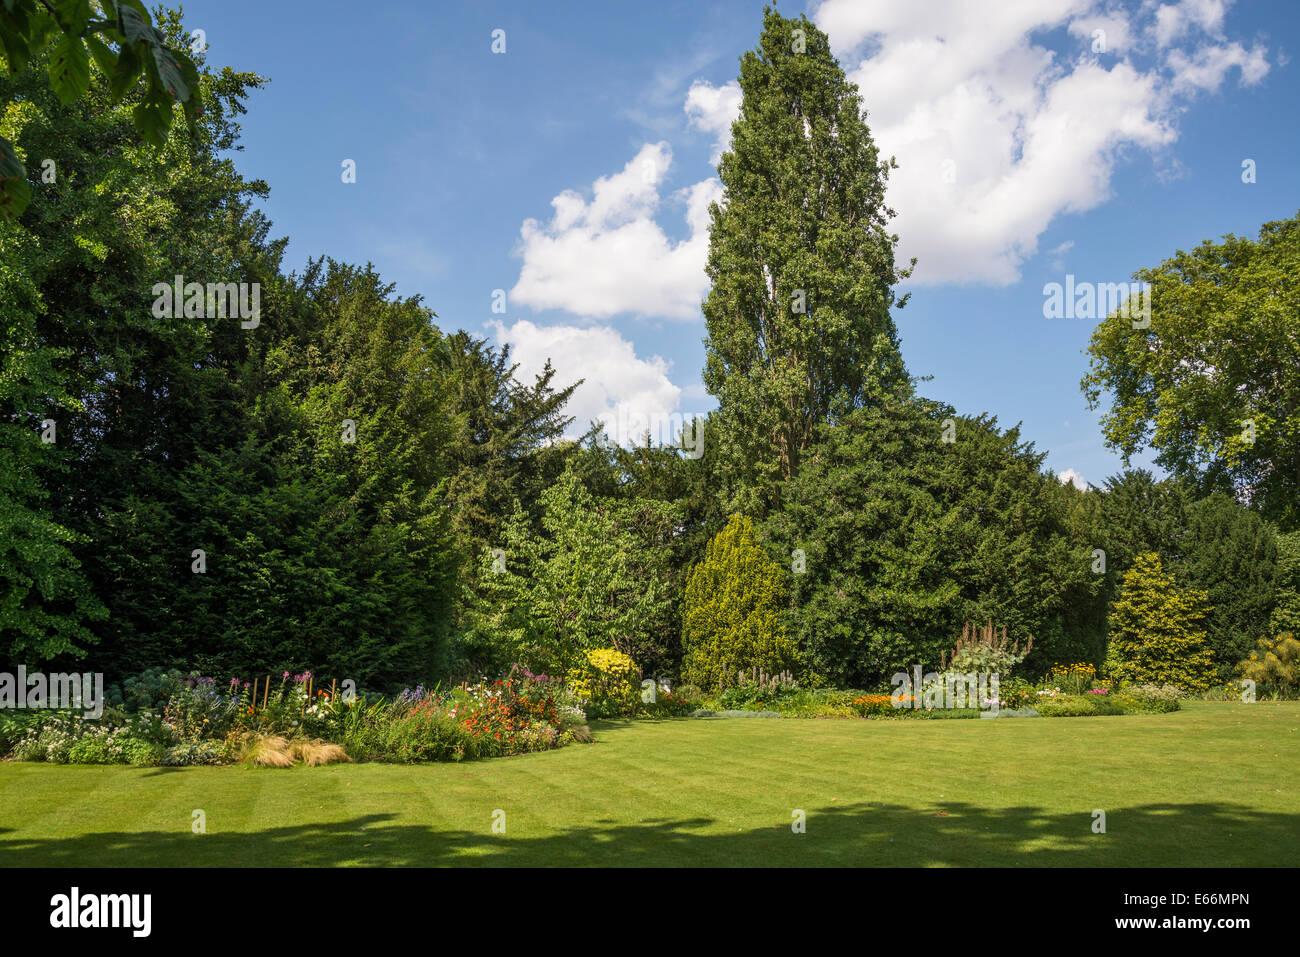 Christ's College, Fellows' Garden, Cambridge, England, UK - Stock Image